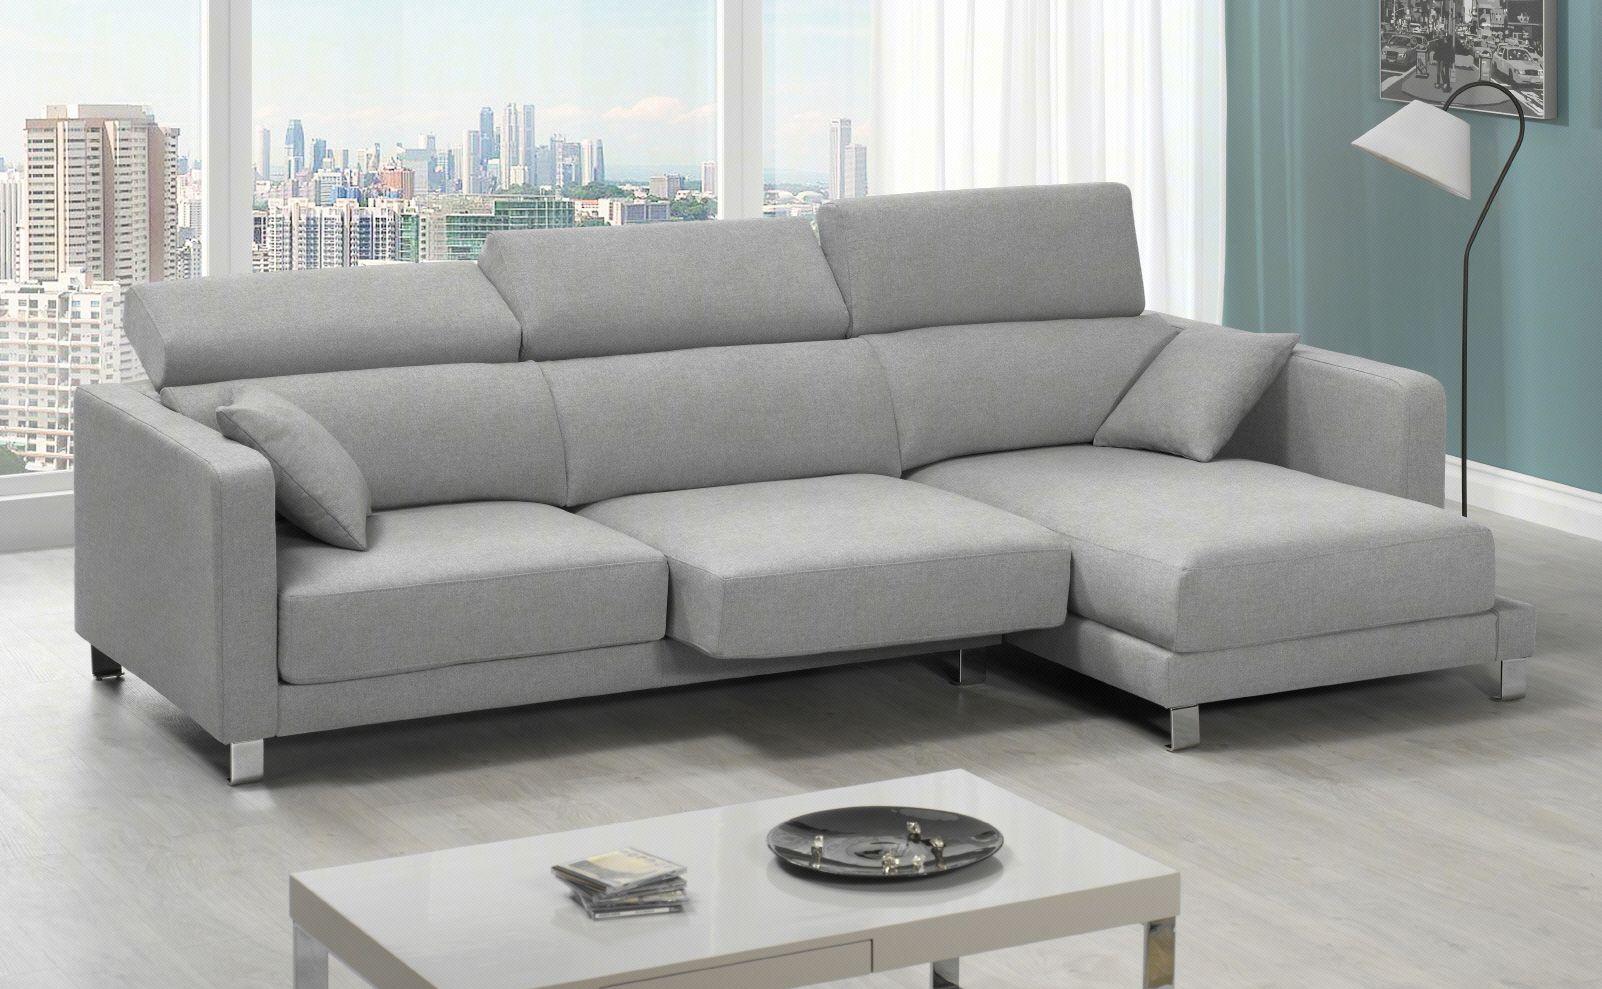 El Sof Dubai De Pedro Ortiz Est Disponible En Rinconera  # Muebles Cinthia Medellin